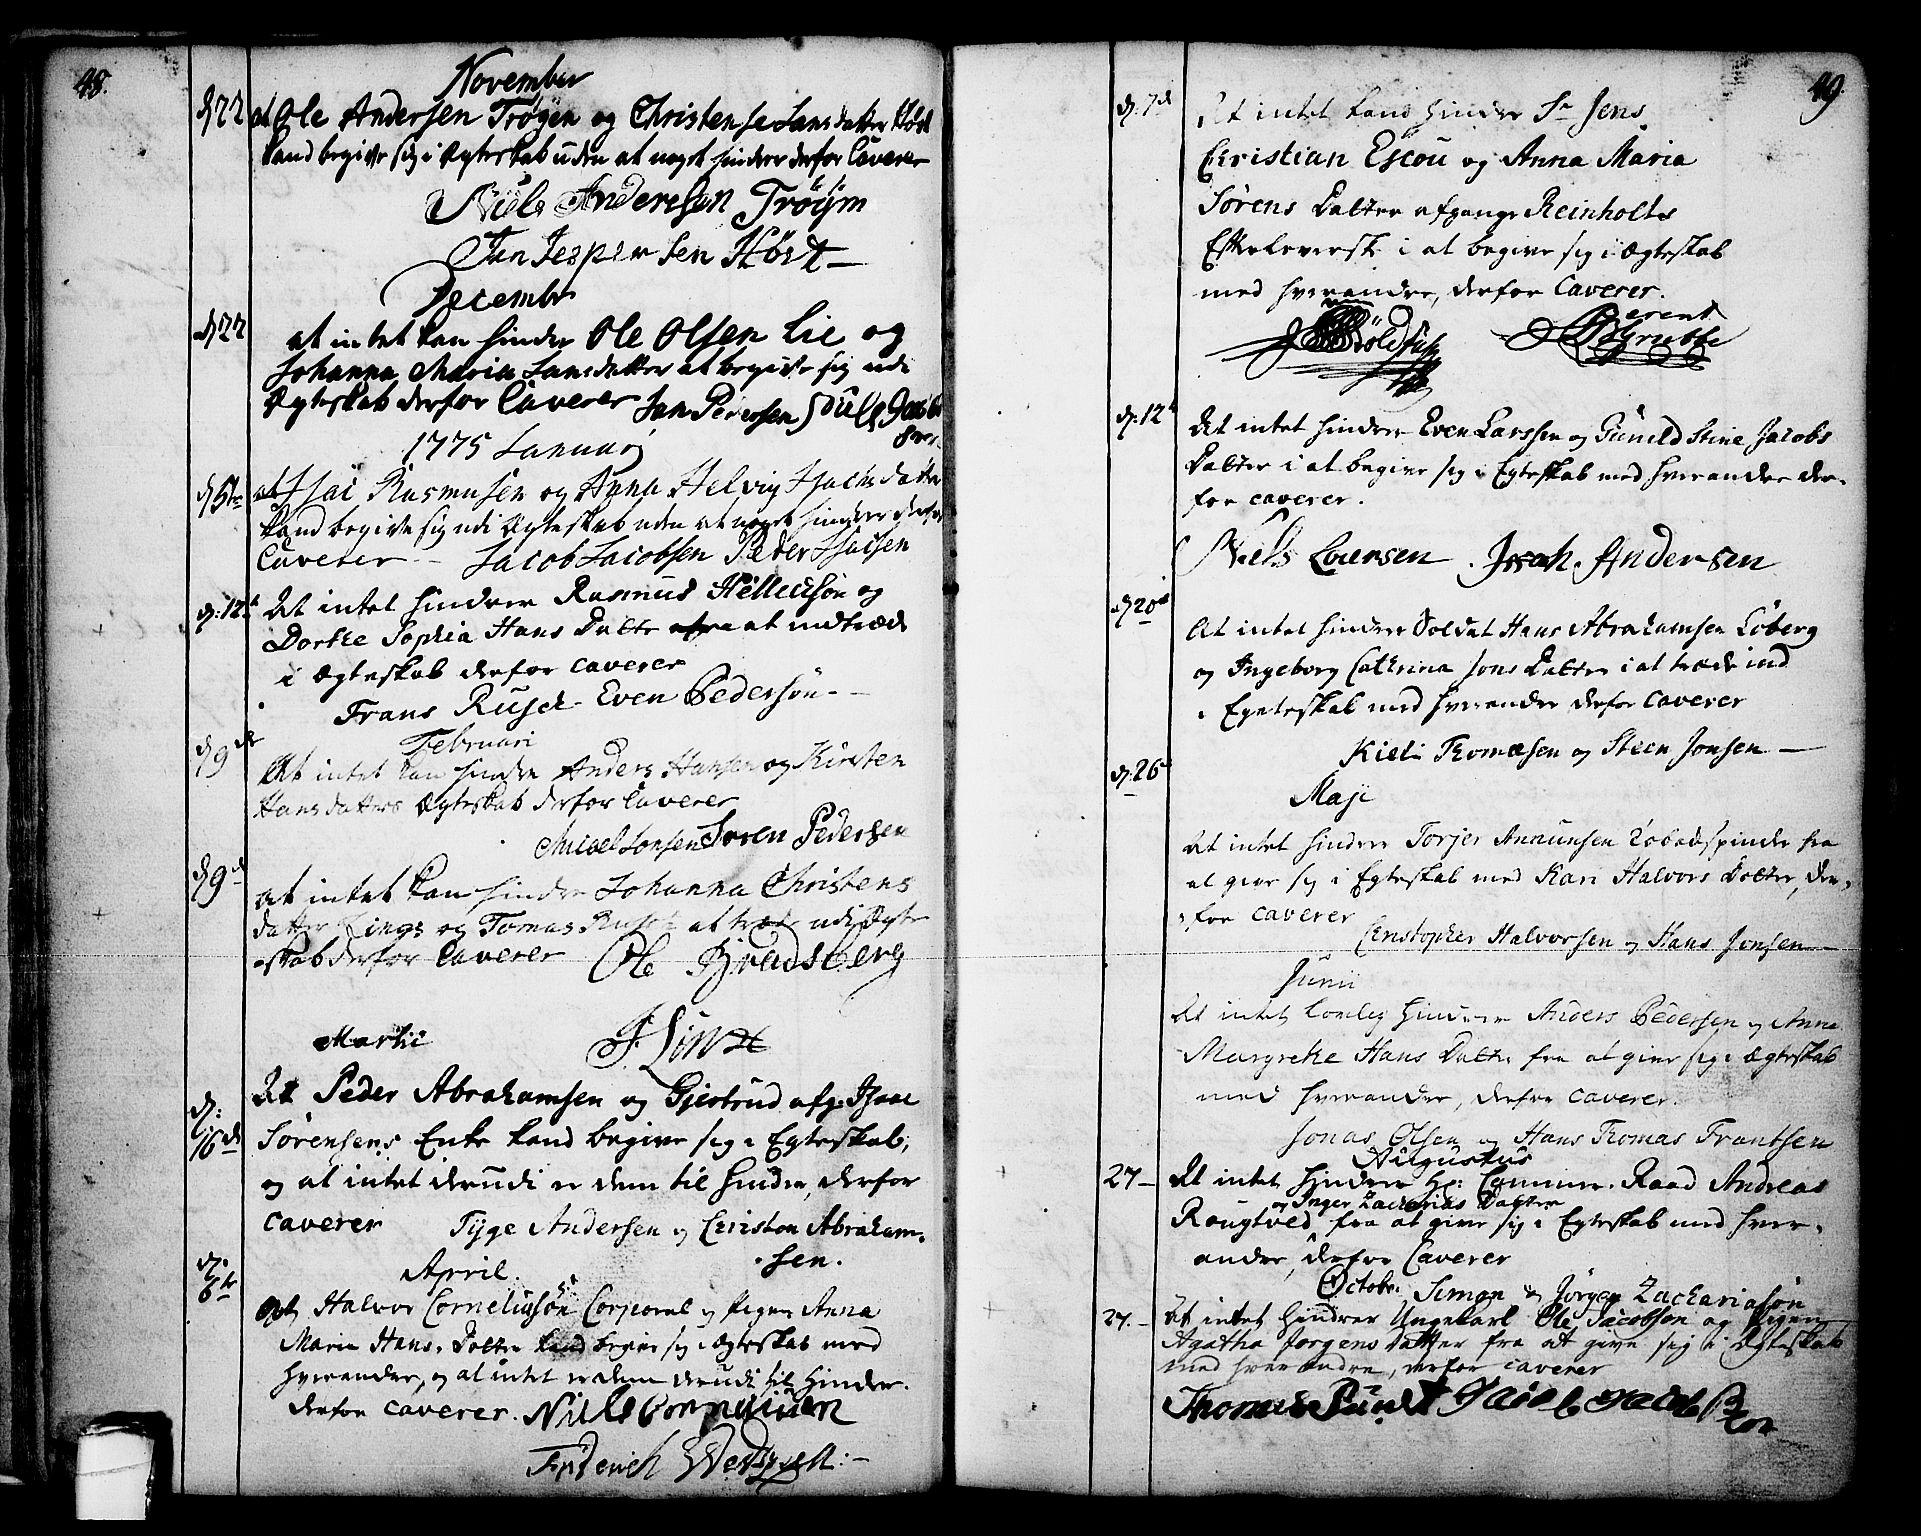 SAKO, Skien kirkebøker, F/Fa/L0003: Ministerialbok nr. 3, 1755-1791, s. 48-49